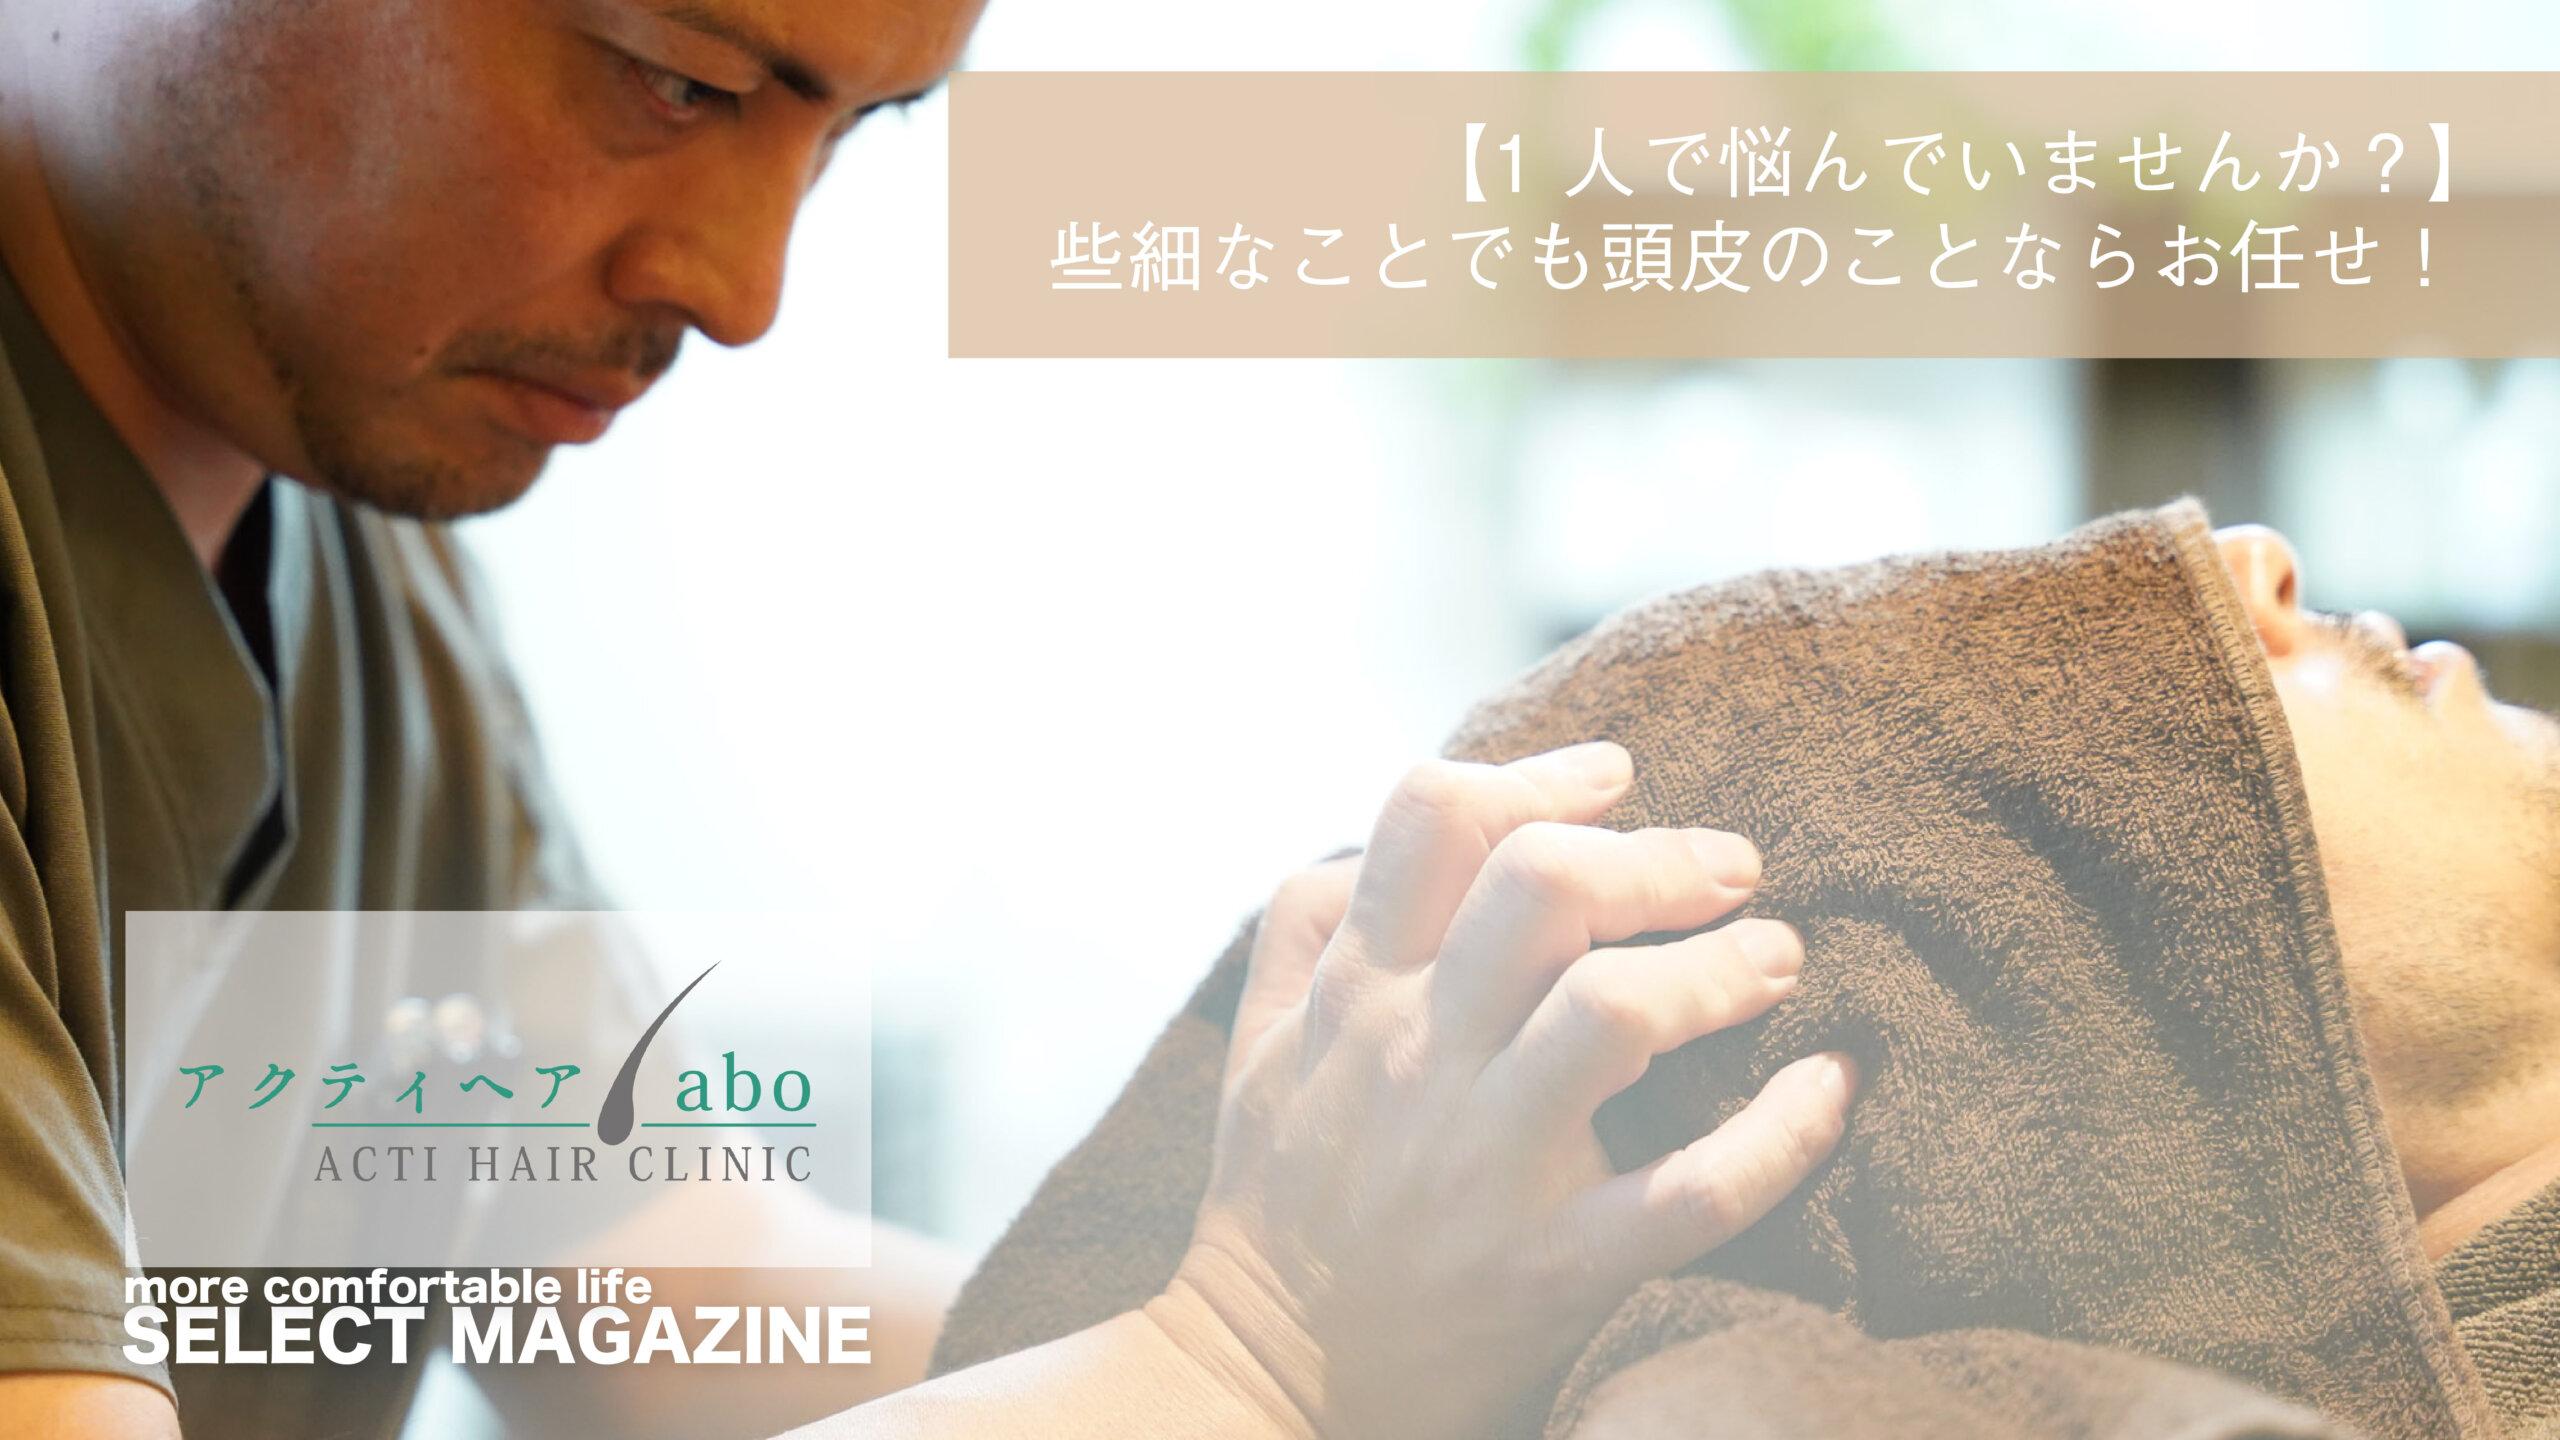 【1人で悩んでいませんか?】些細なことでも頭皮のことならアクティヘアLabo/ACTI HAIR CLINIC